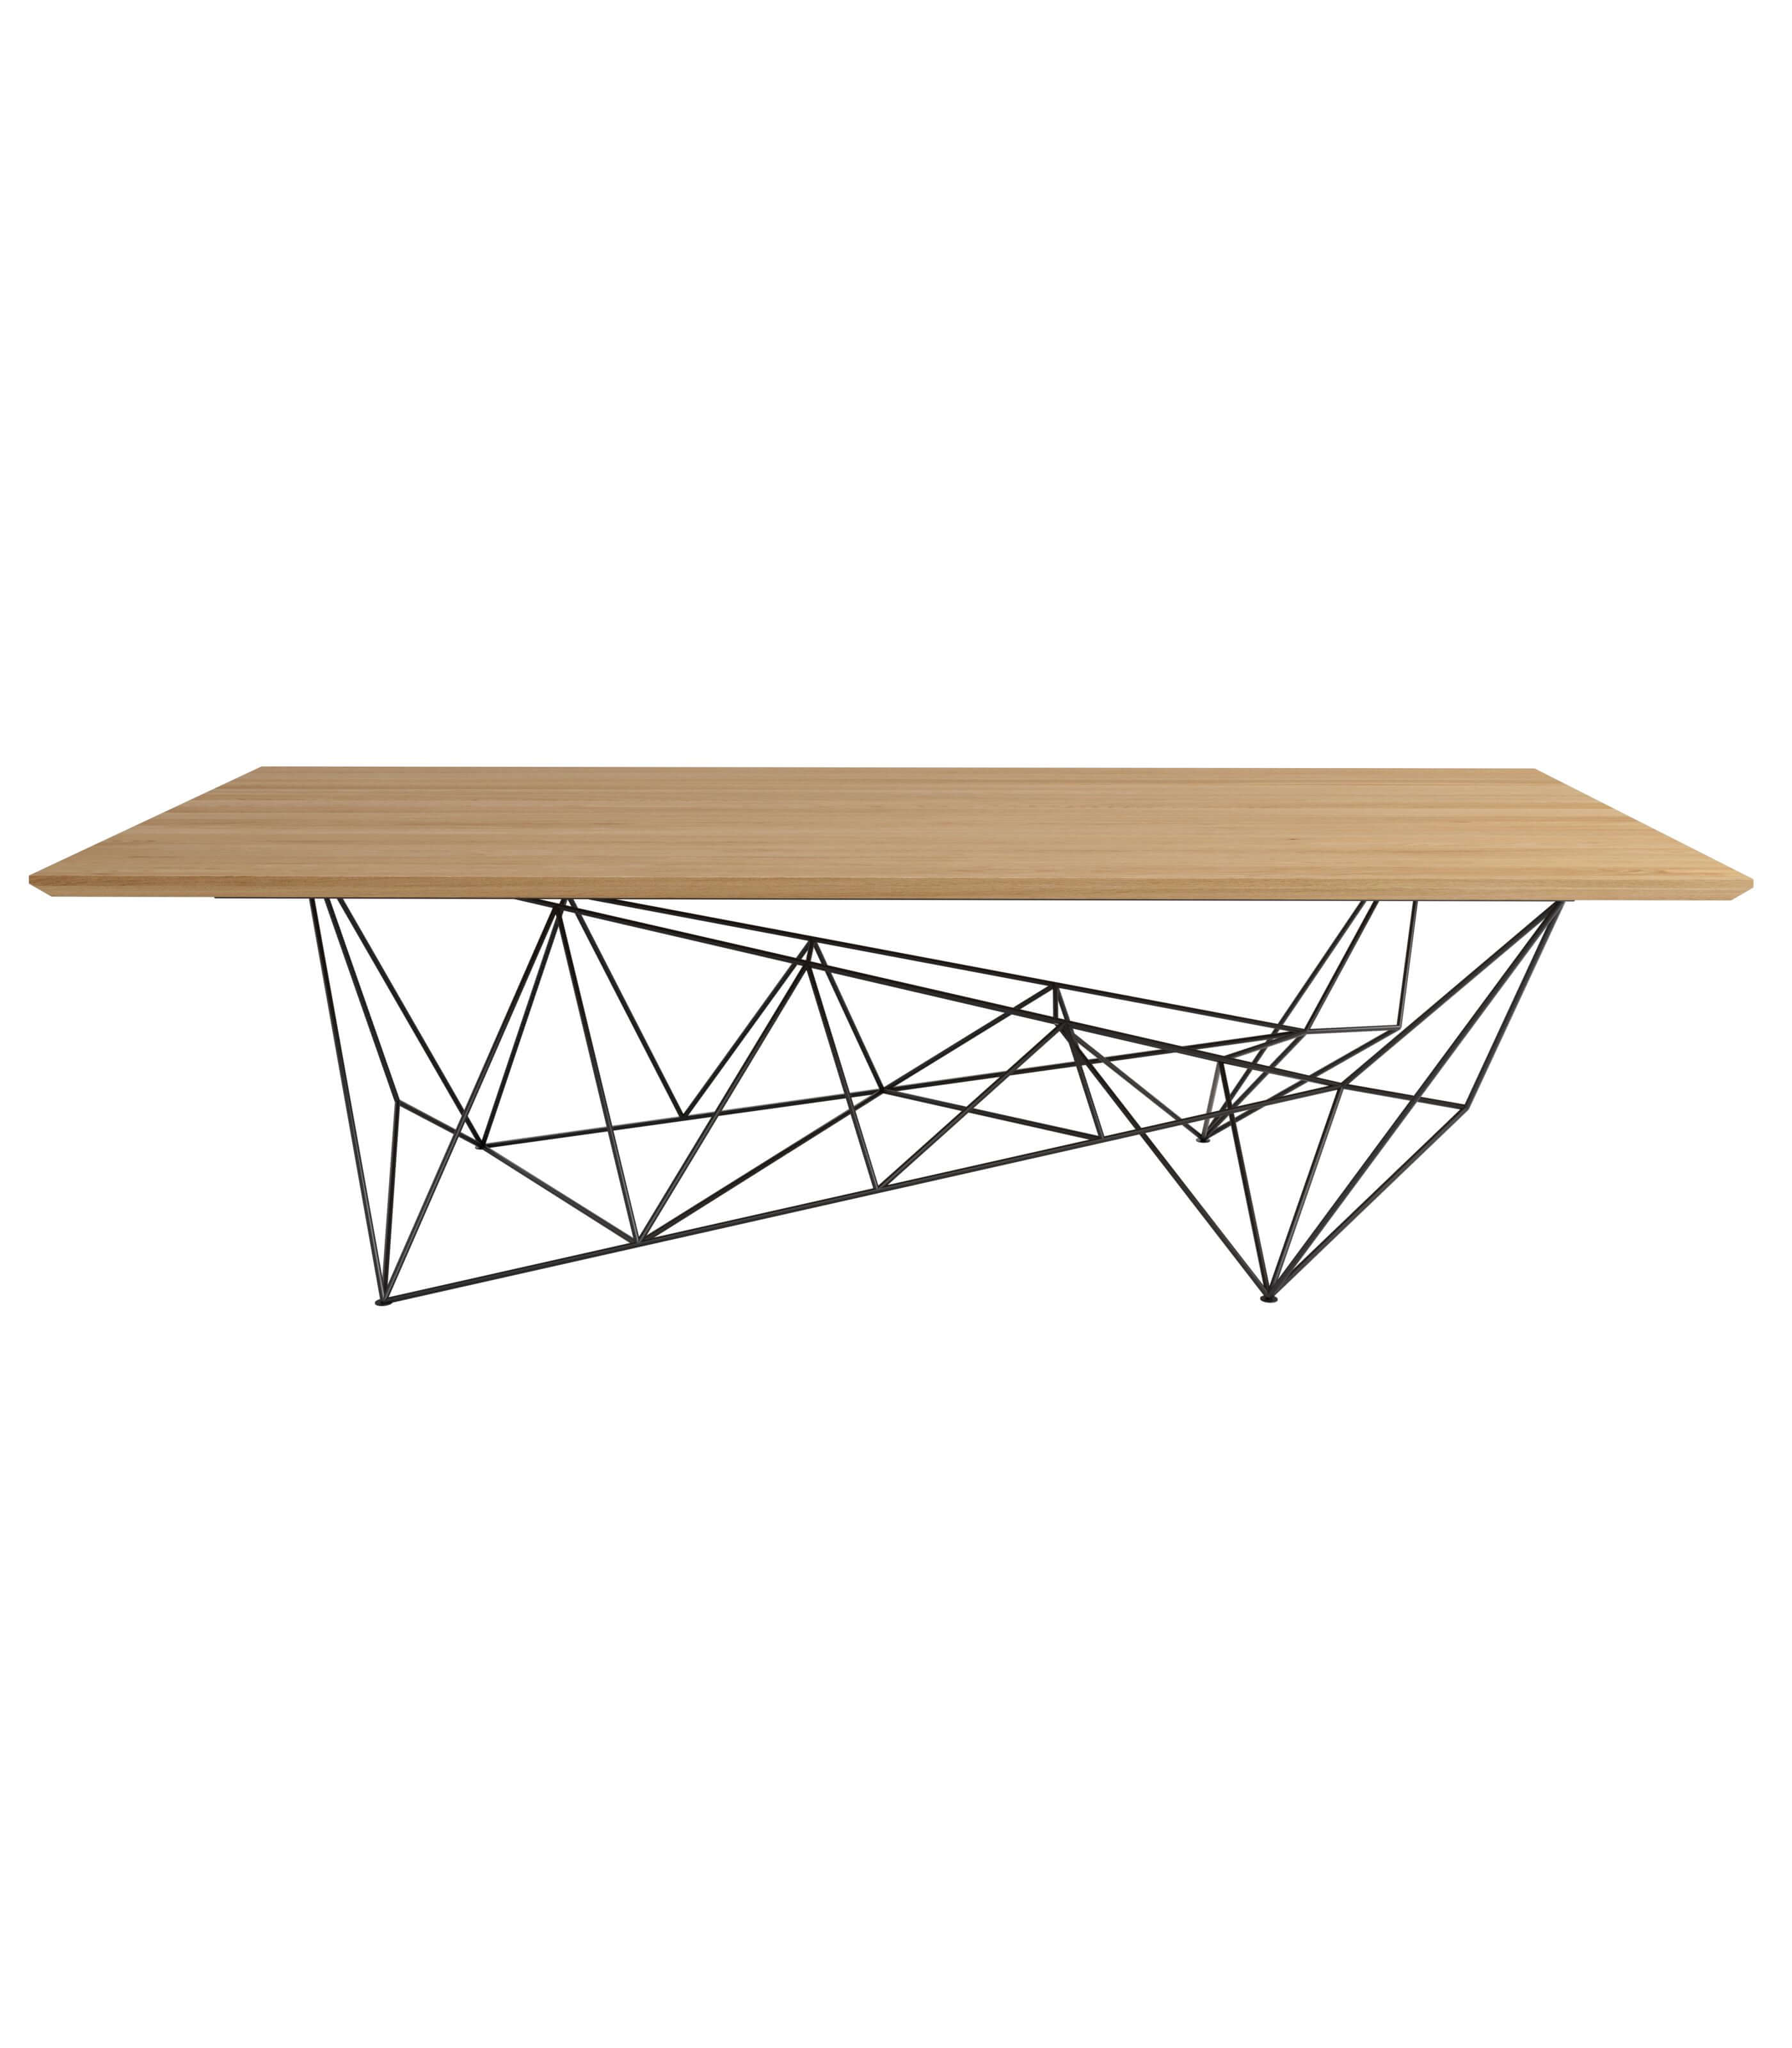 dębowy stół origami - take me HOME